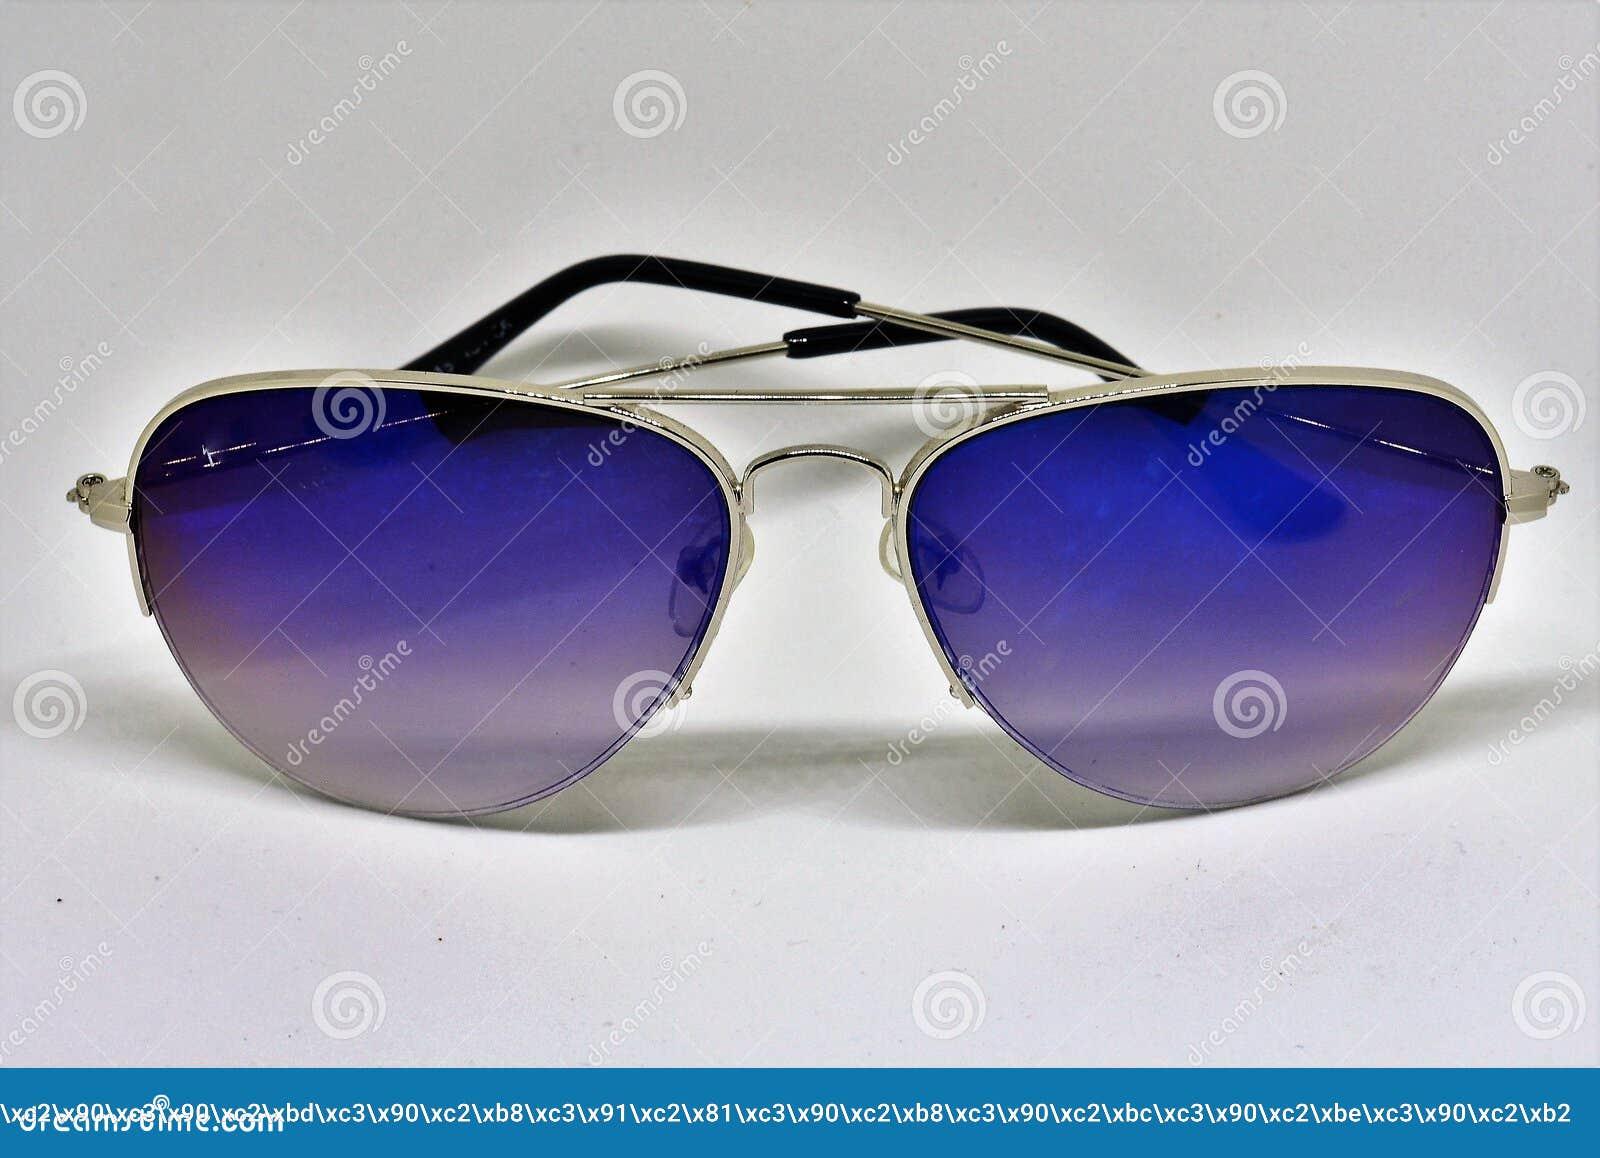 beca86c166 Lunettes de soleil bleues Verres universels pour les hommes ou des femmes  Verres teintés bleus pour conduire ou marcher